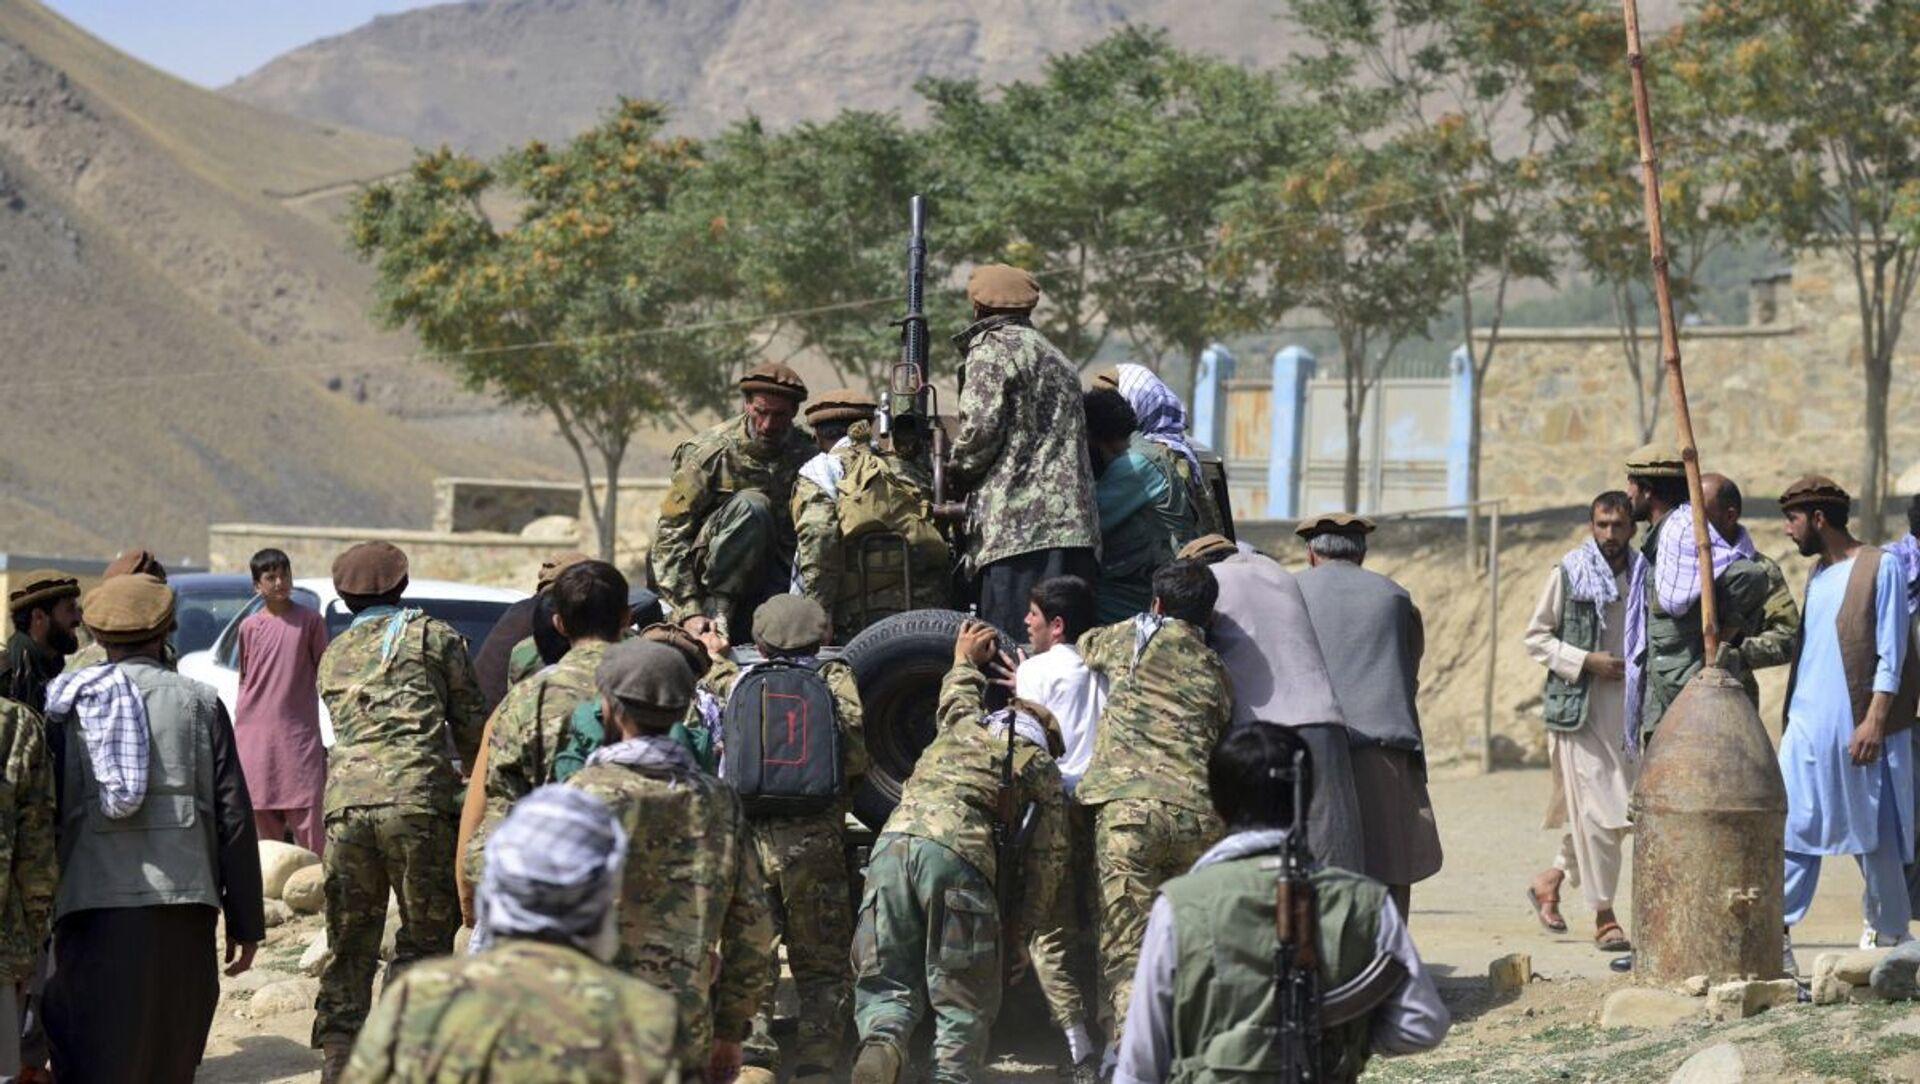 Бойцы афганского движение сопротивления Талибану* в провинции Панджшер - Sputnik Азербайджан, 1920, 05.09.2021